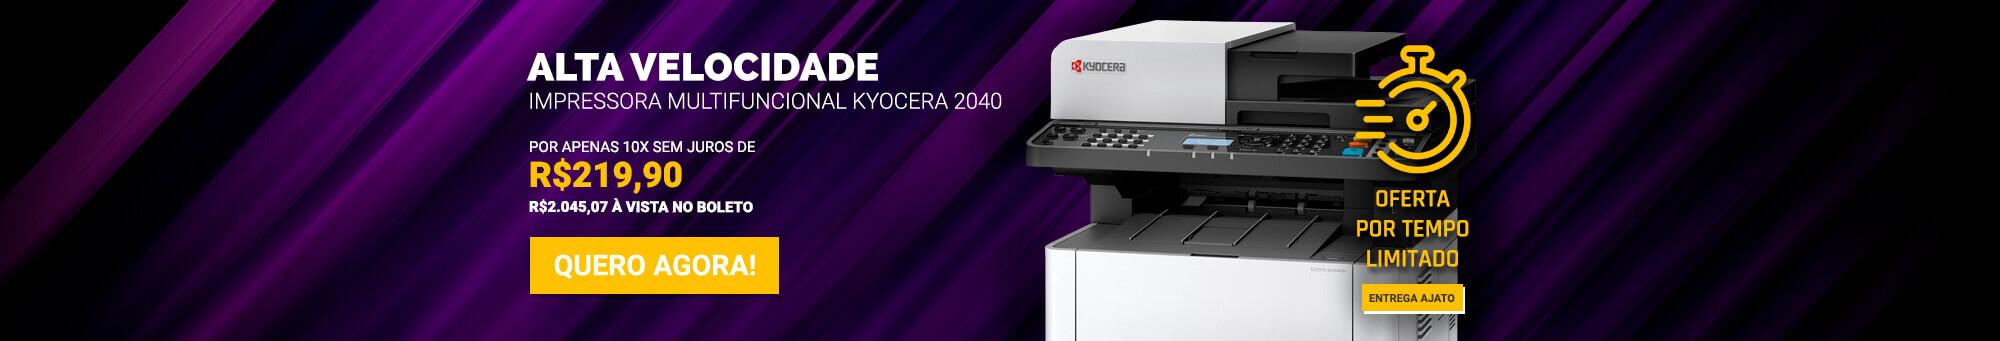 Kyocera 2040 - R$2199 - timer